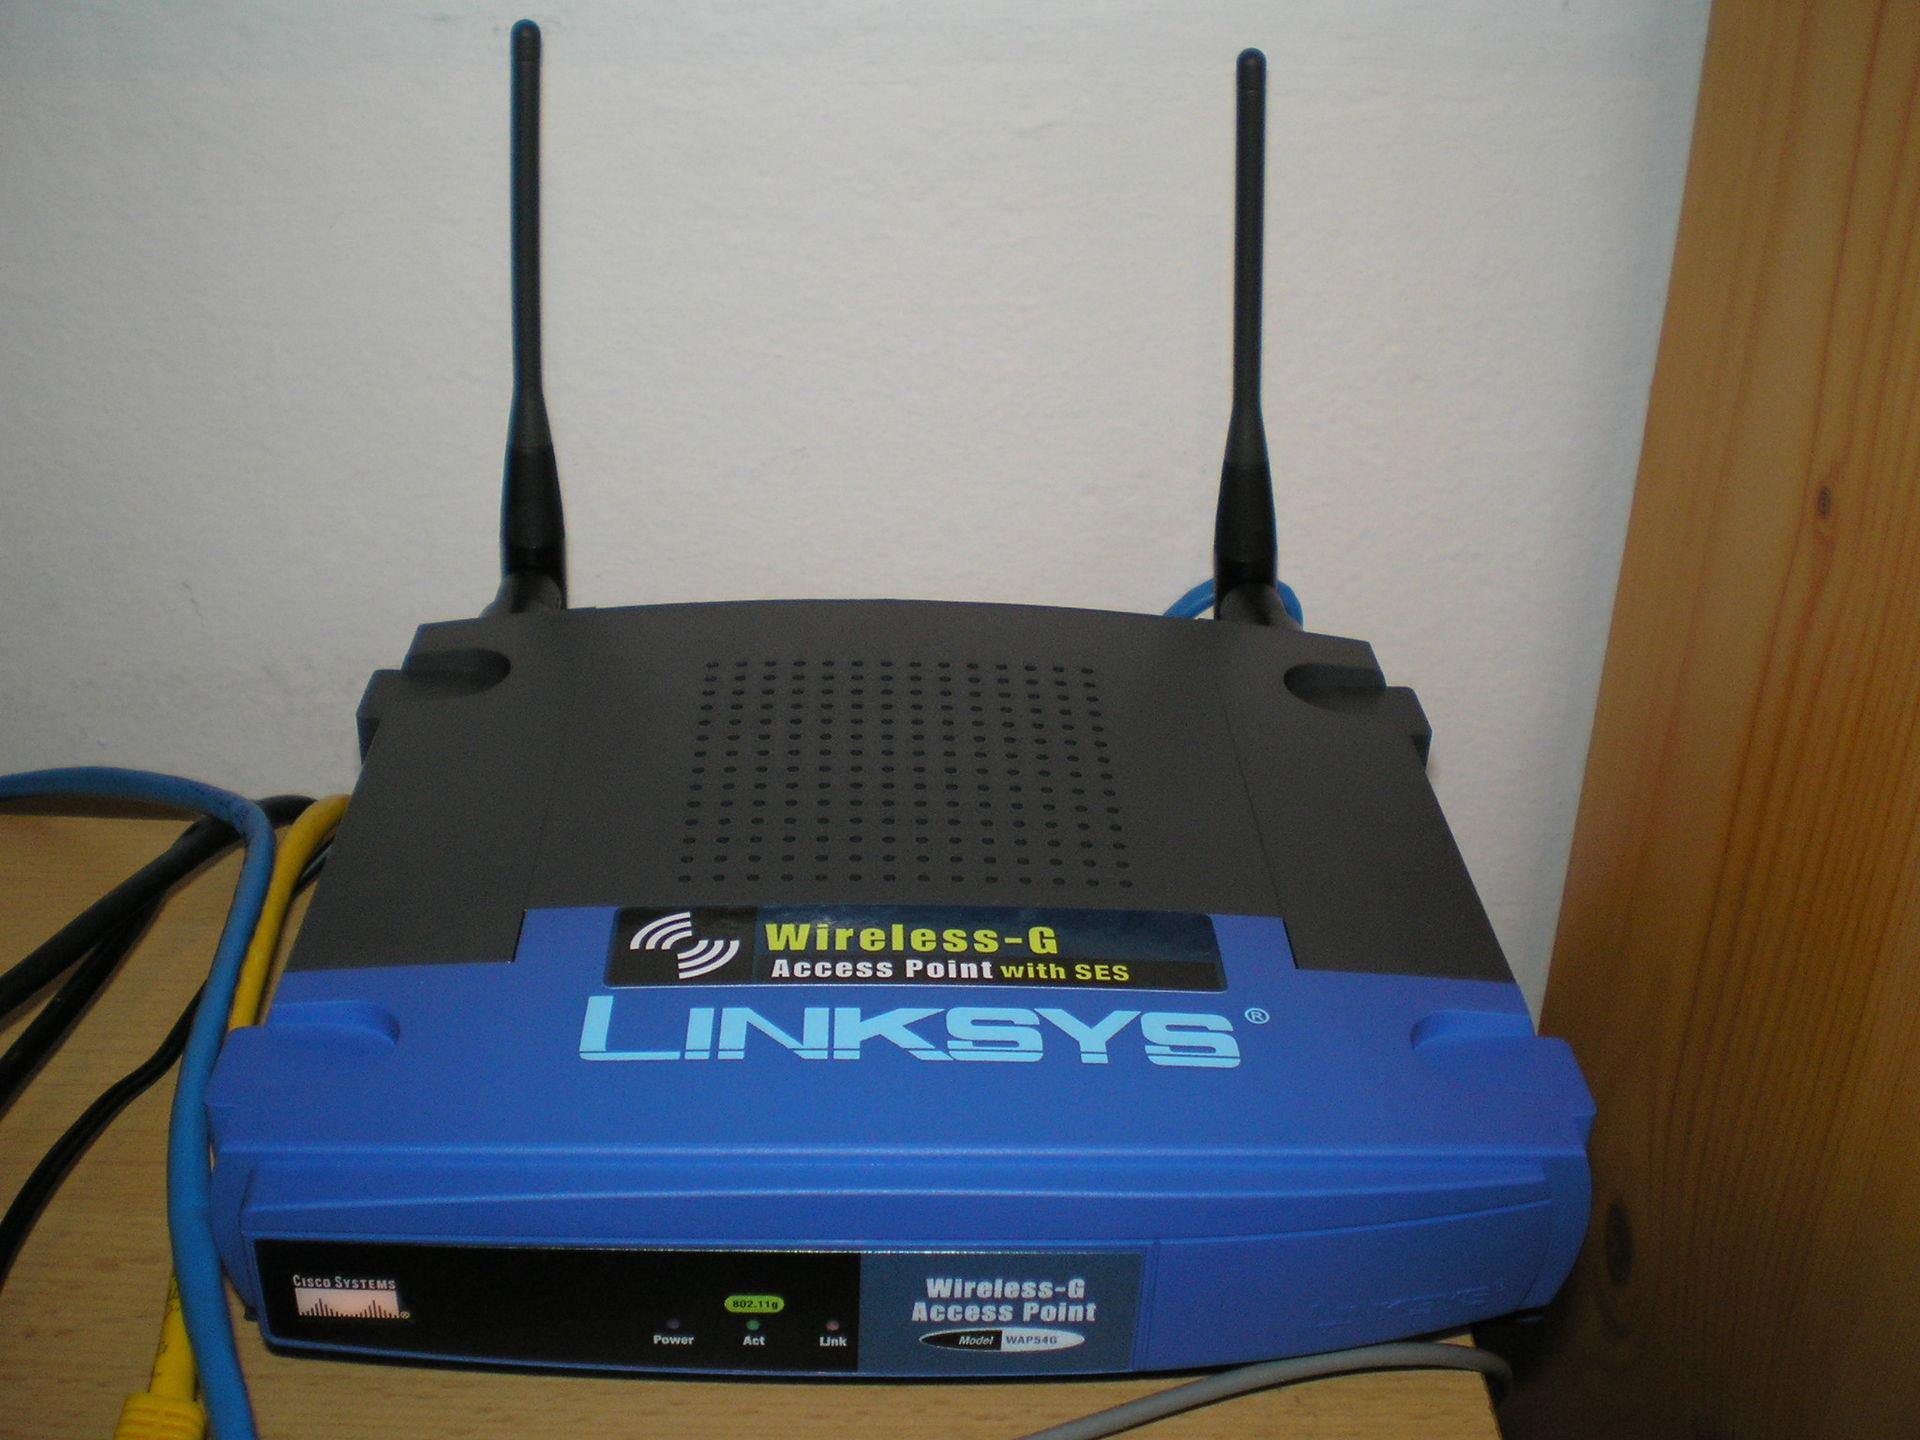 Mobile Vs Home Broadband Speed Comparison